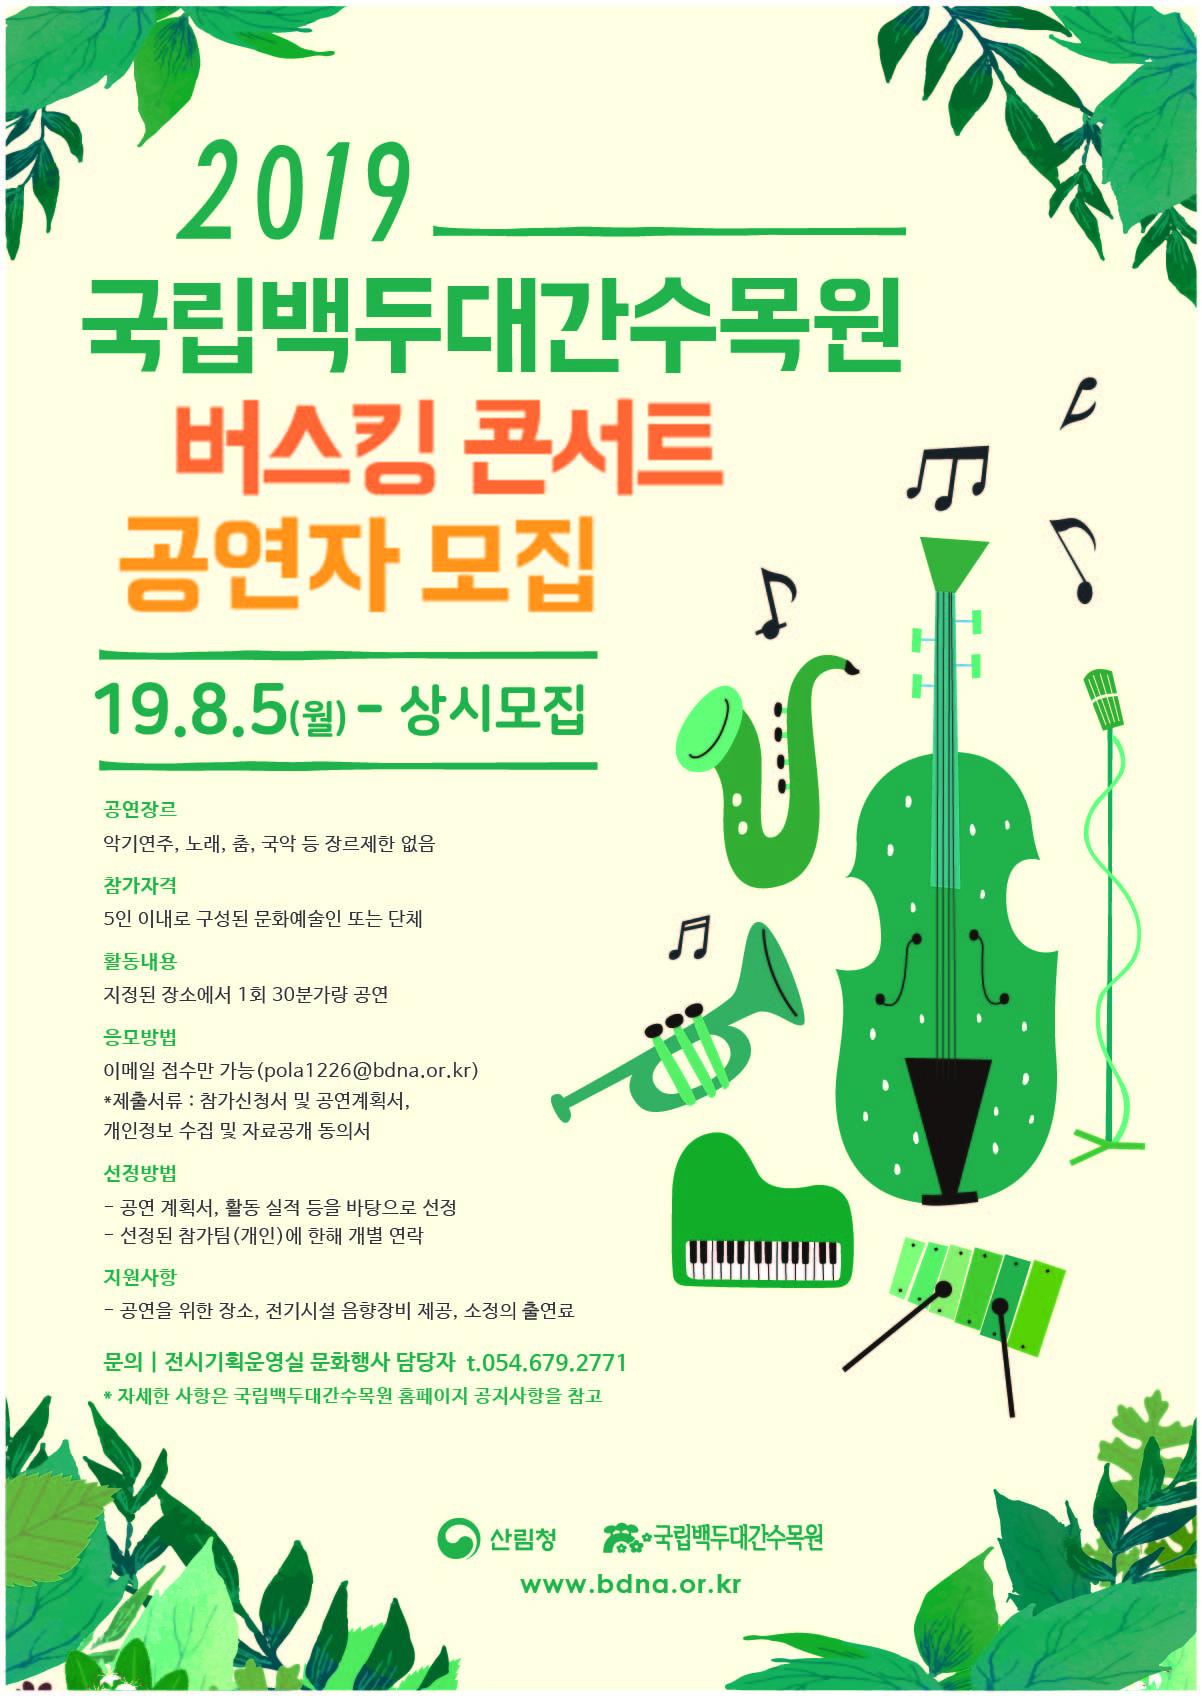 2019 국립백두대간수목원 버스킹 콘서트 참가자 모집